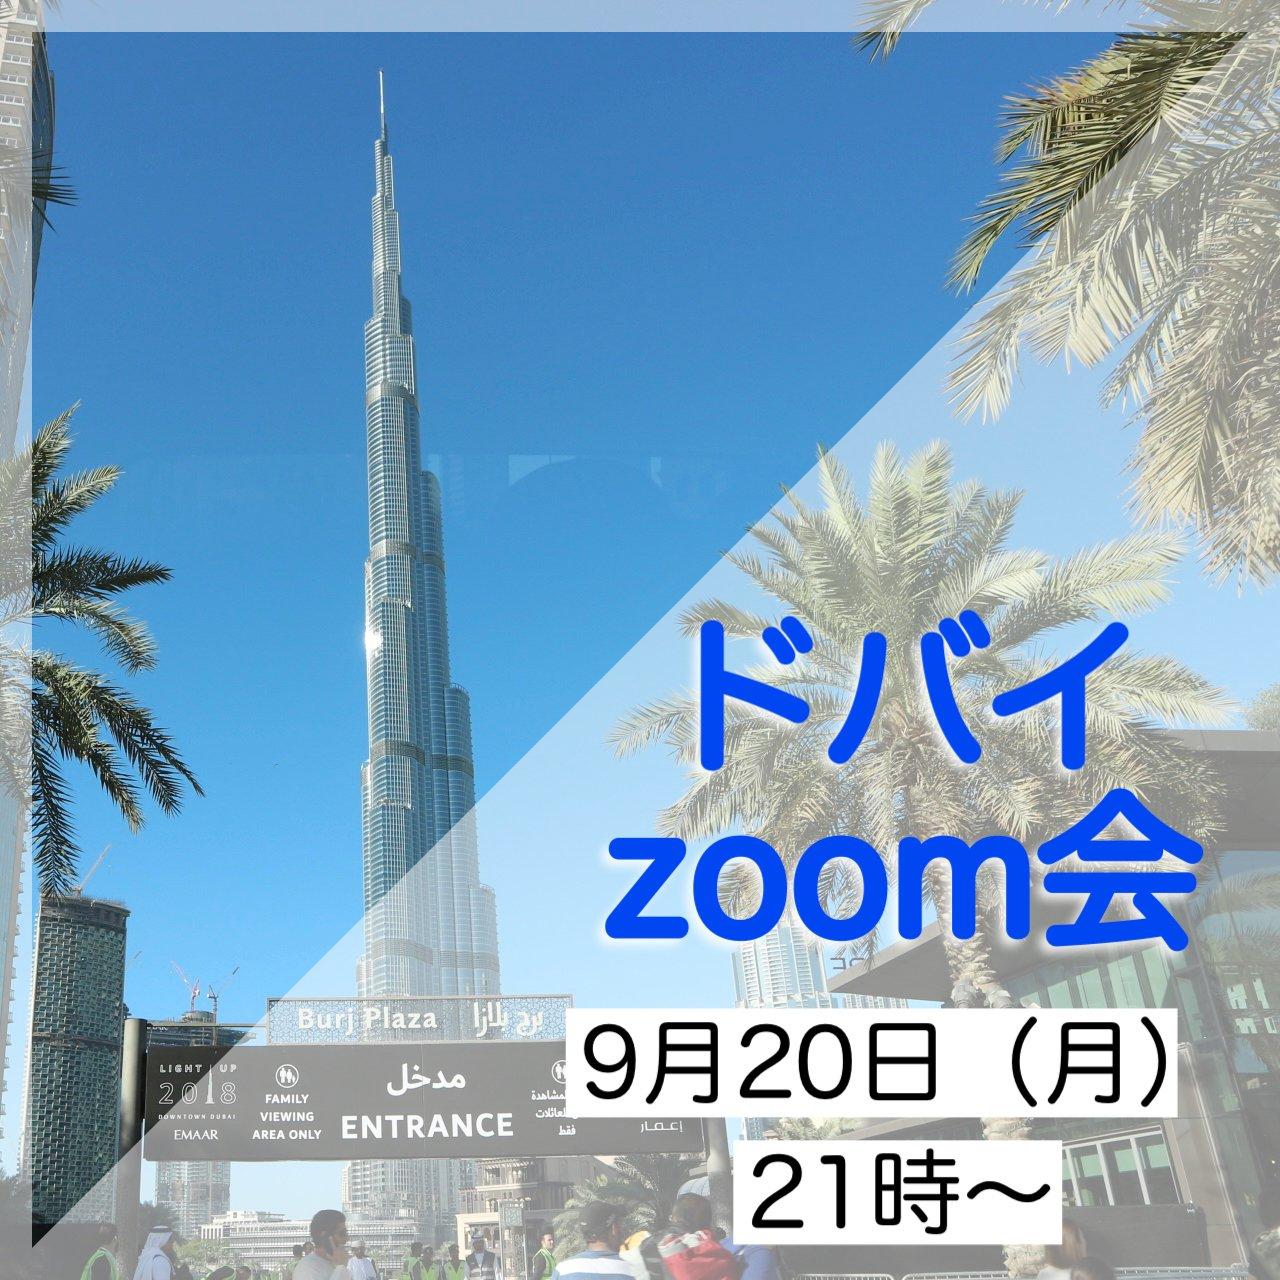 ドバイzoom会・9月20日(月)21時〜のイメージその1